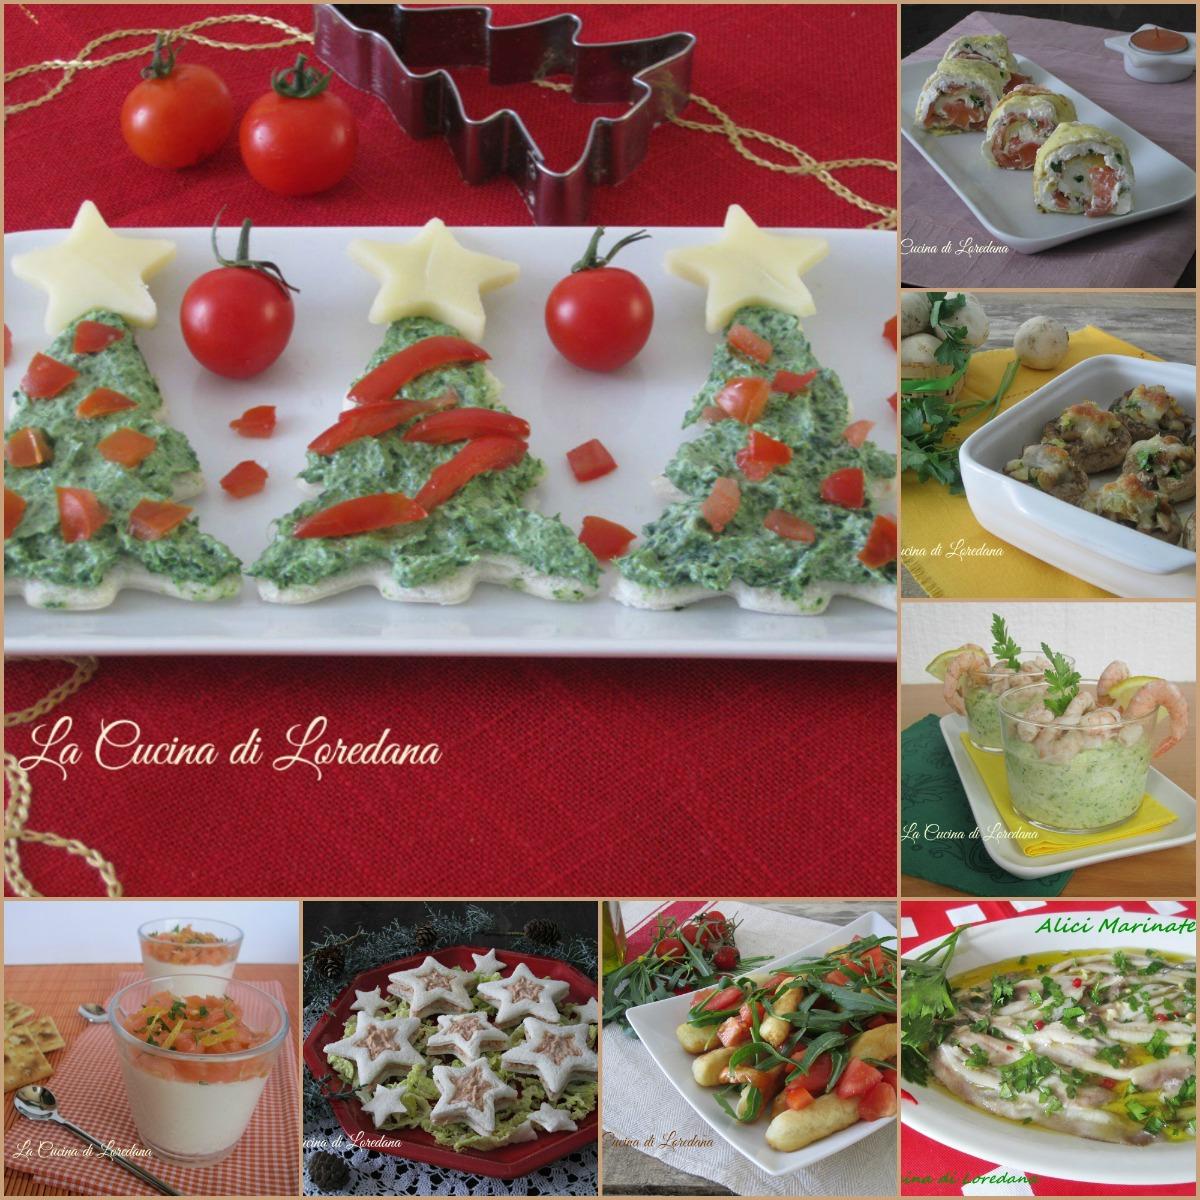 Antipasti Di Natale Semplici E Sfiziosi.Antipasti Di Natale Ricette Semplici E Sfiziose Migliori Ricette